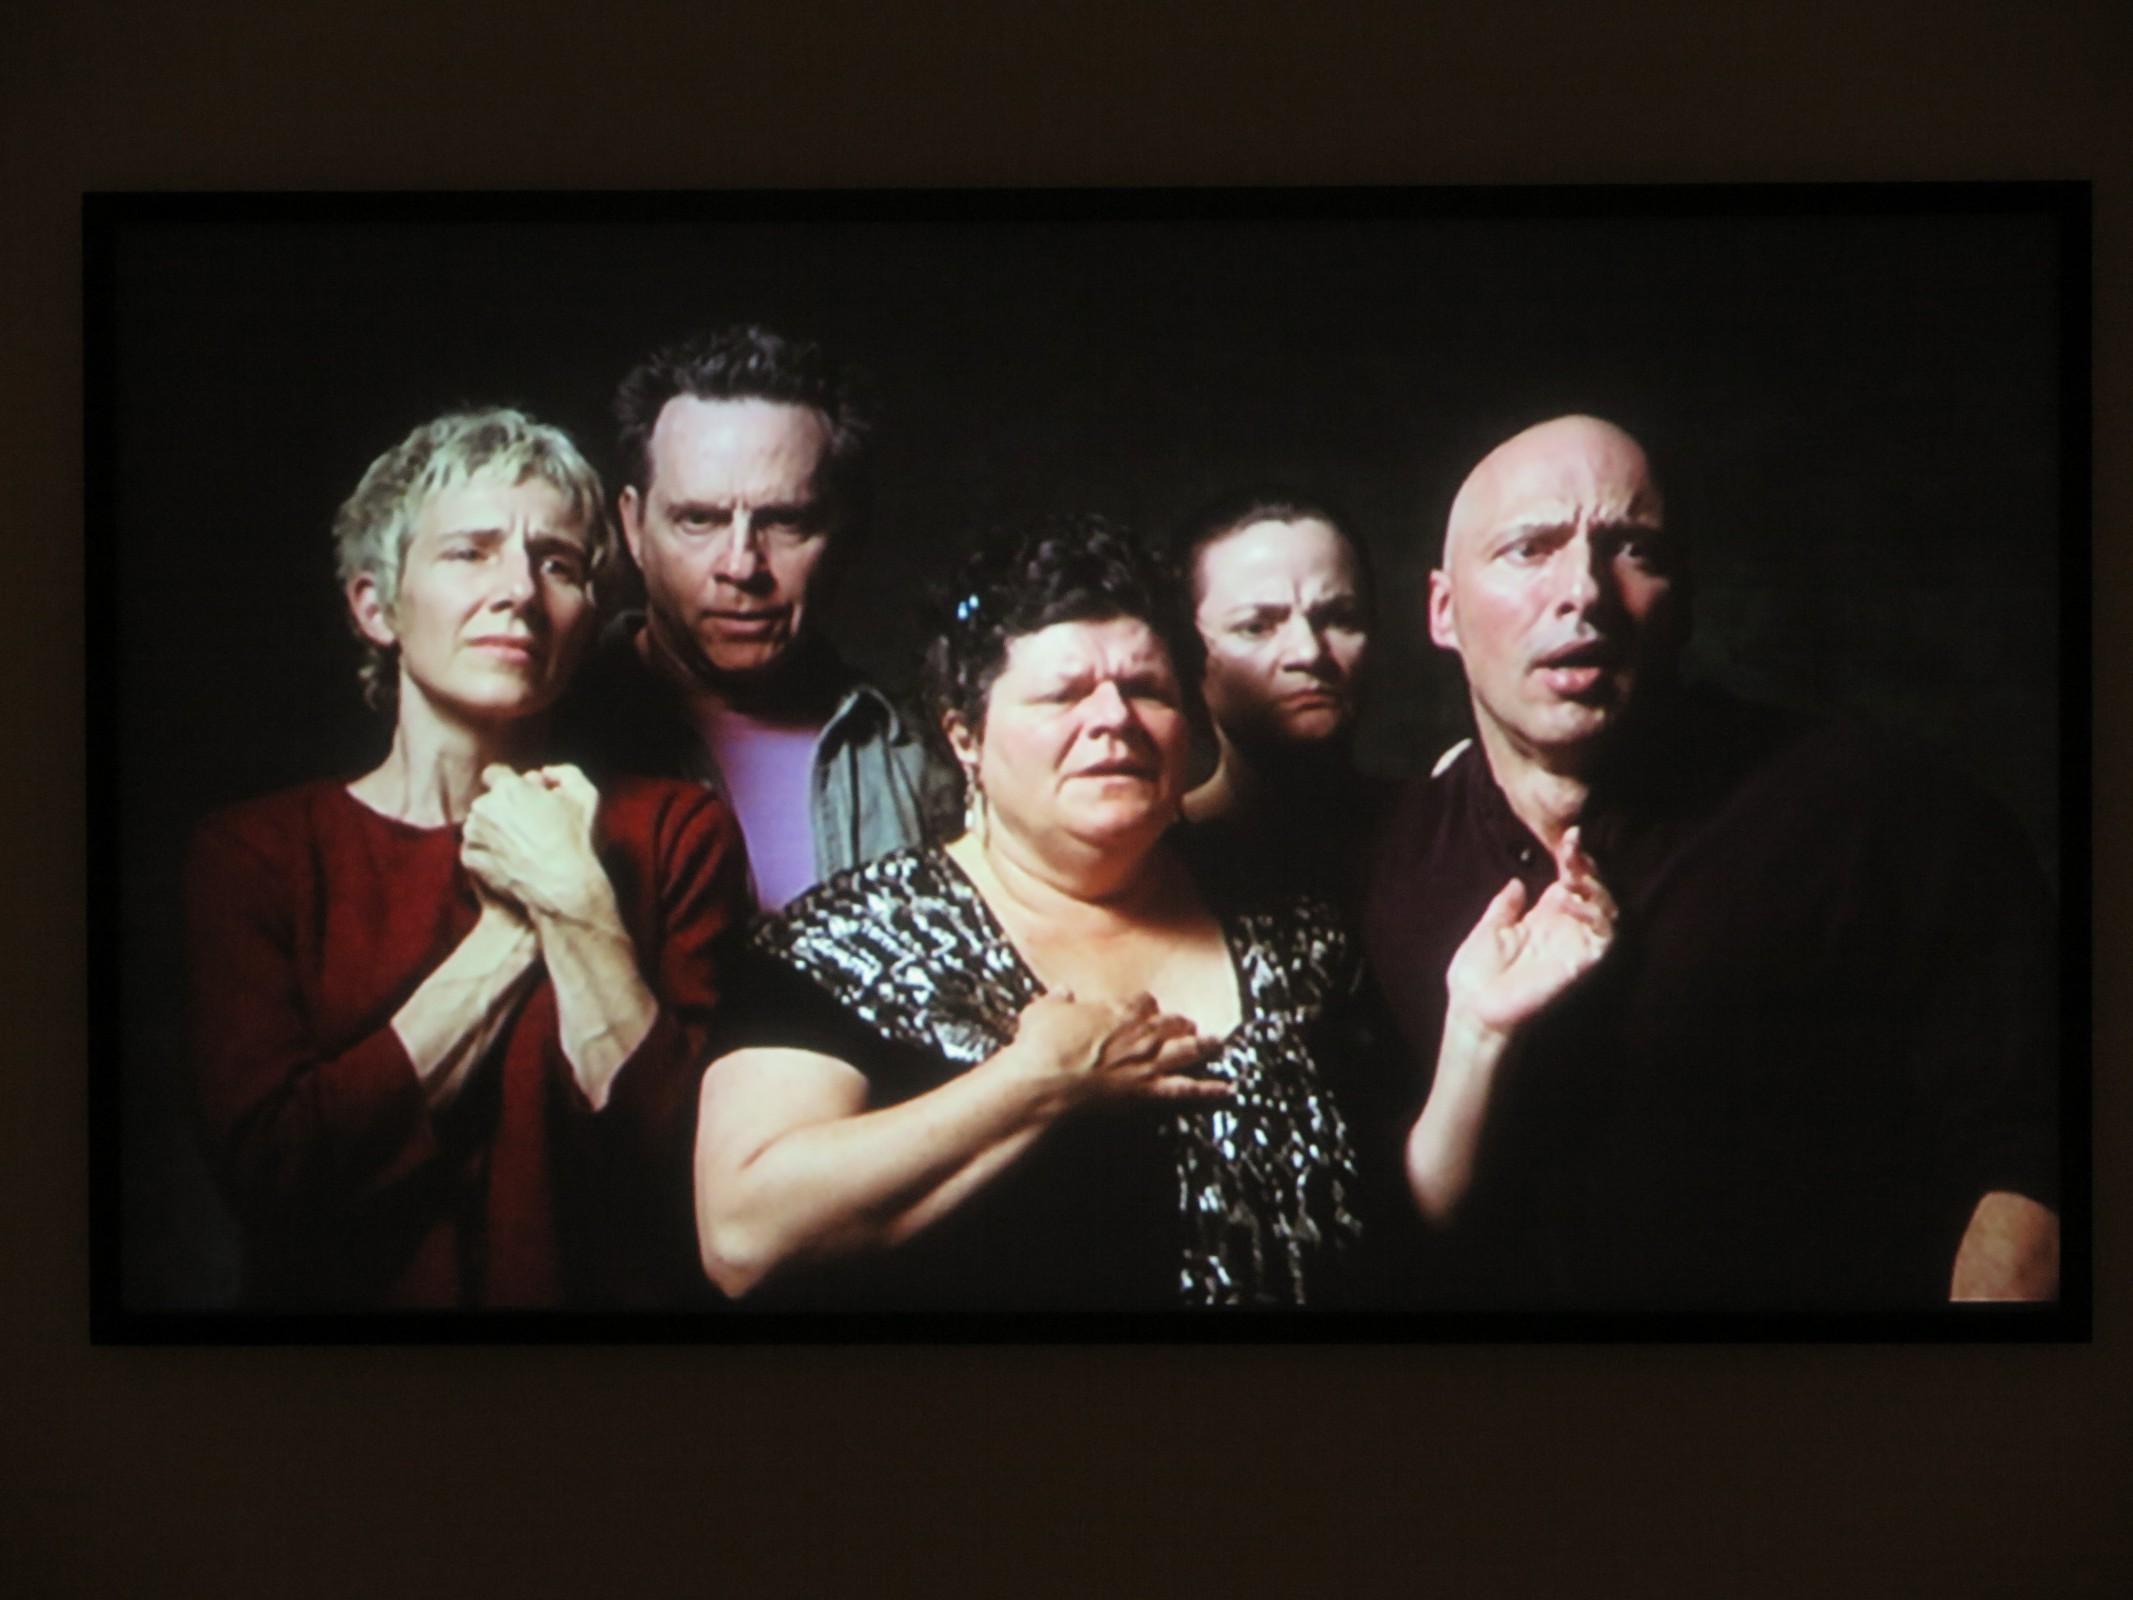 Bill Viola - The quintet of remembrance (videostil) -